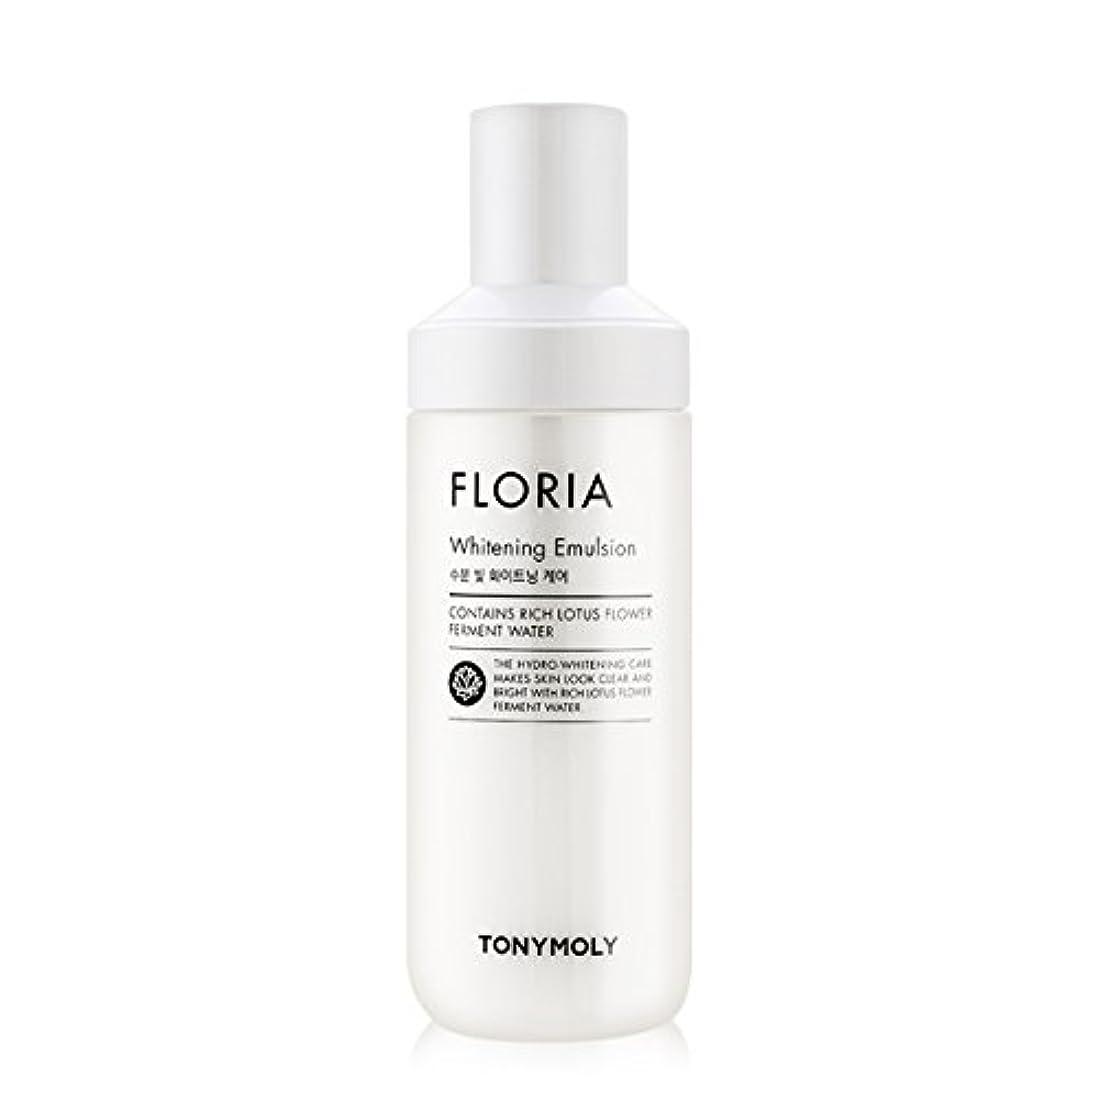 あらゆる種類の無効にする宿題[2016 New] TONYMOLY Floria Whitening Emulsion 160ml/トニーモリー フロリア ホワイトニング エマルジョン 160ml